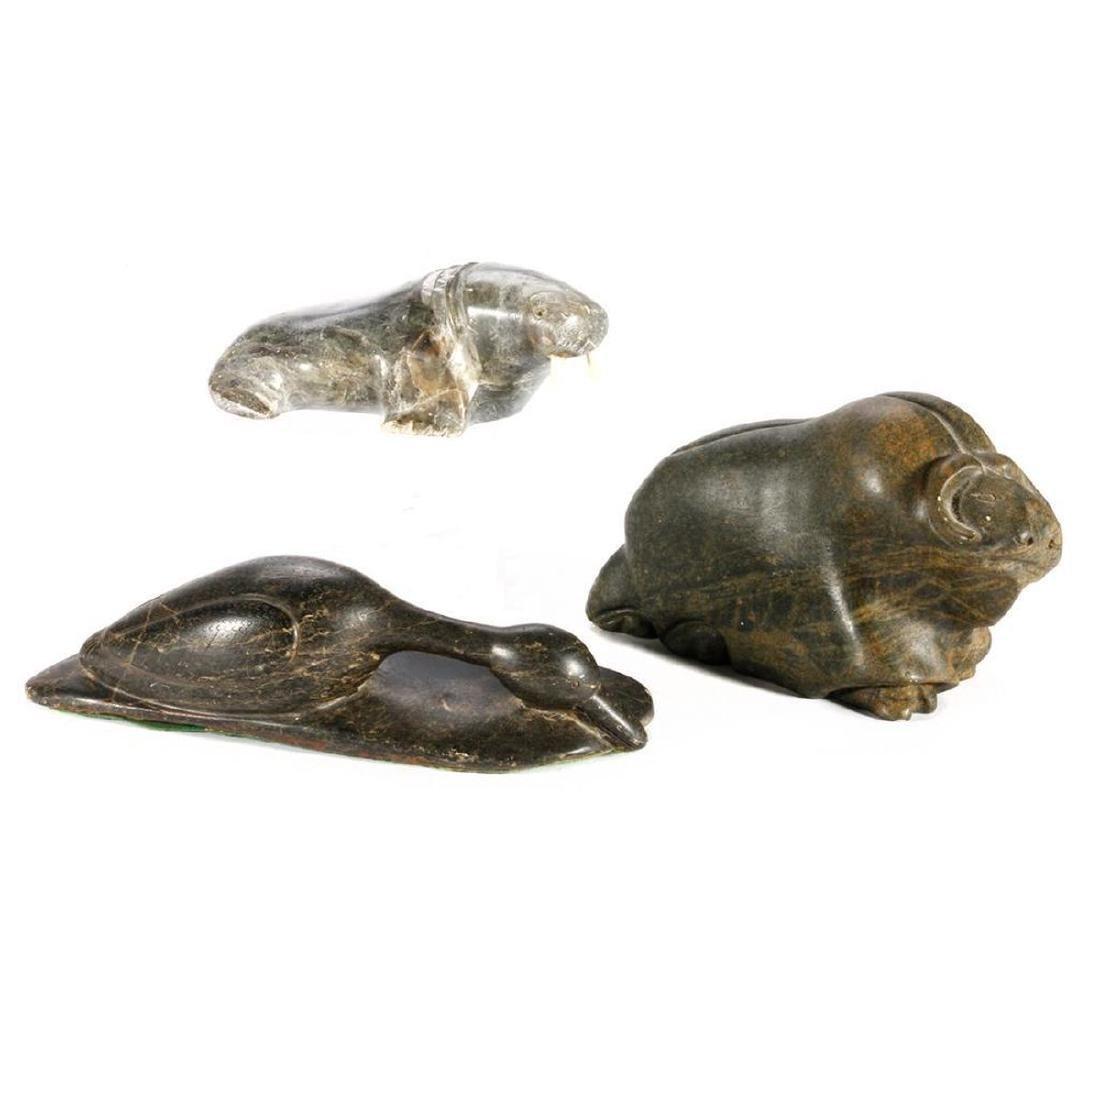 Three Inuit Stone Sculptures